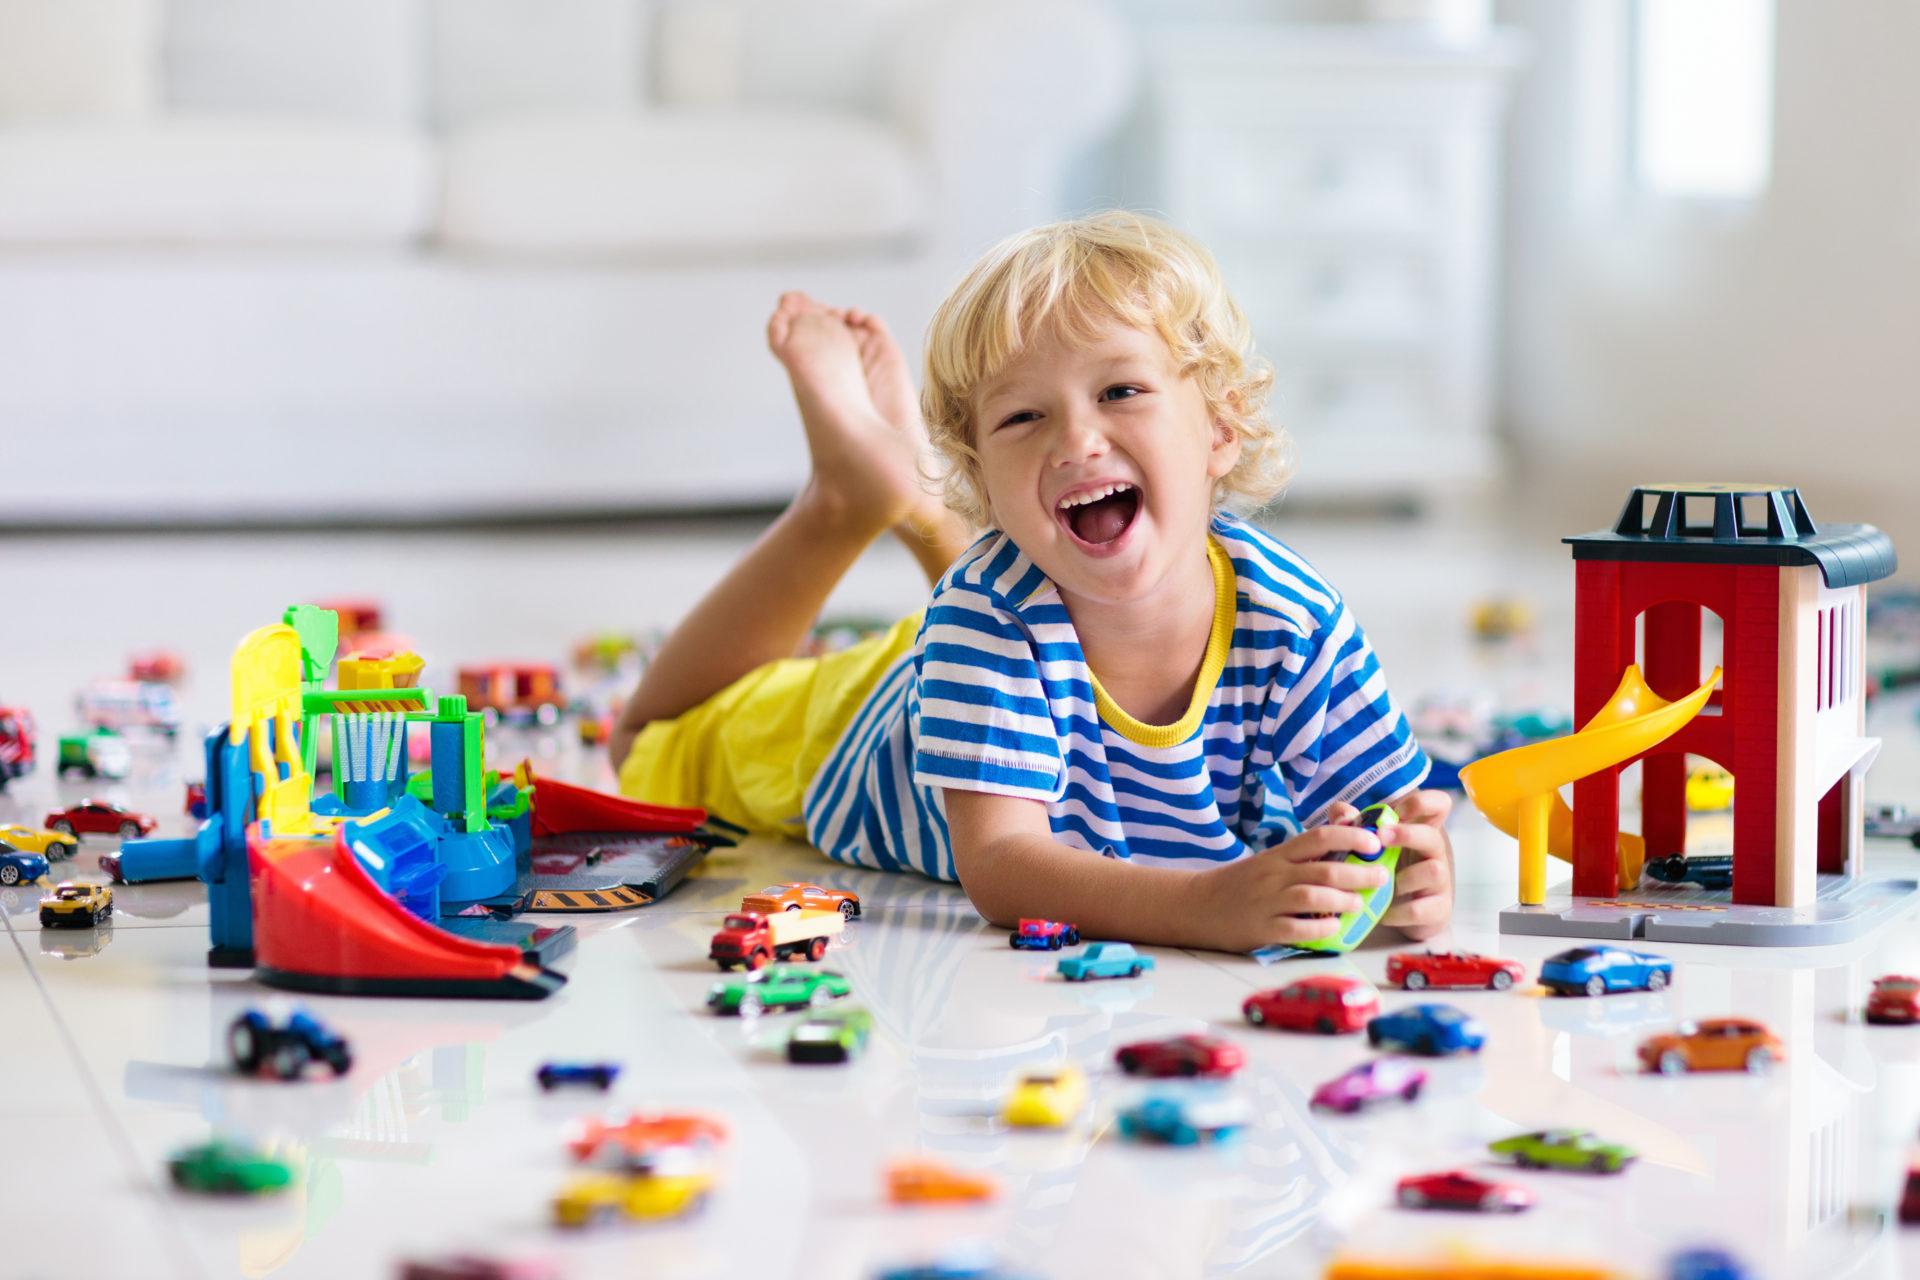 Jeu Eveil Enfant, Jouet Eveil Enfant, Cadeau D'eveil Pour dedans Jeux Educatif 4 Ans